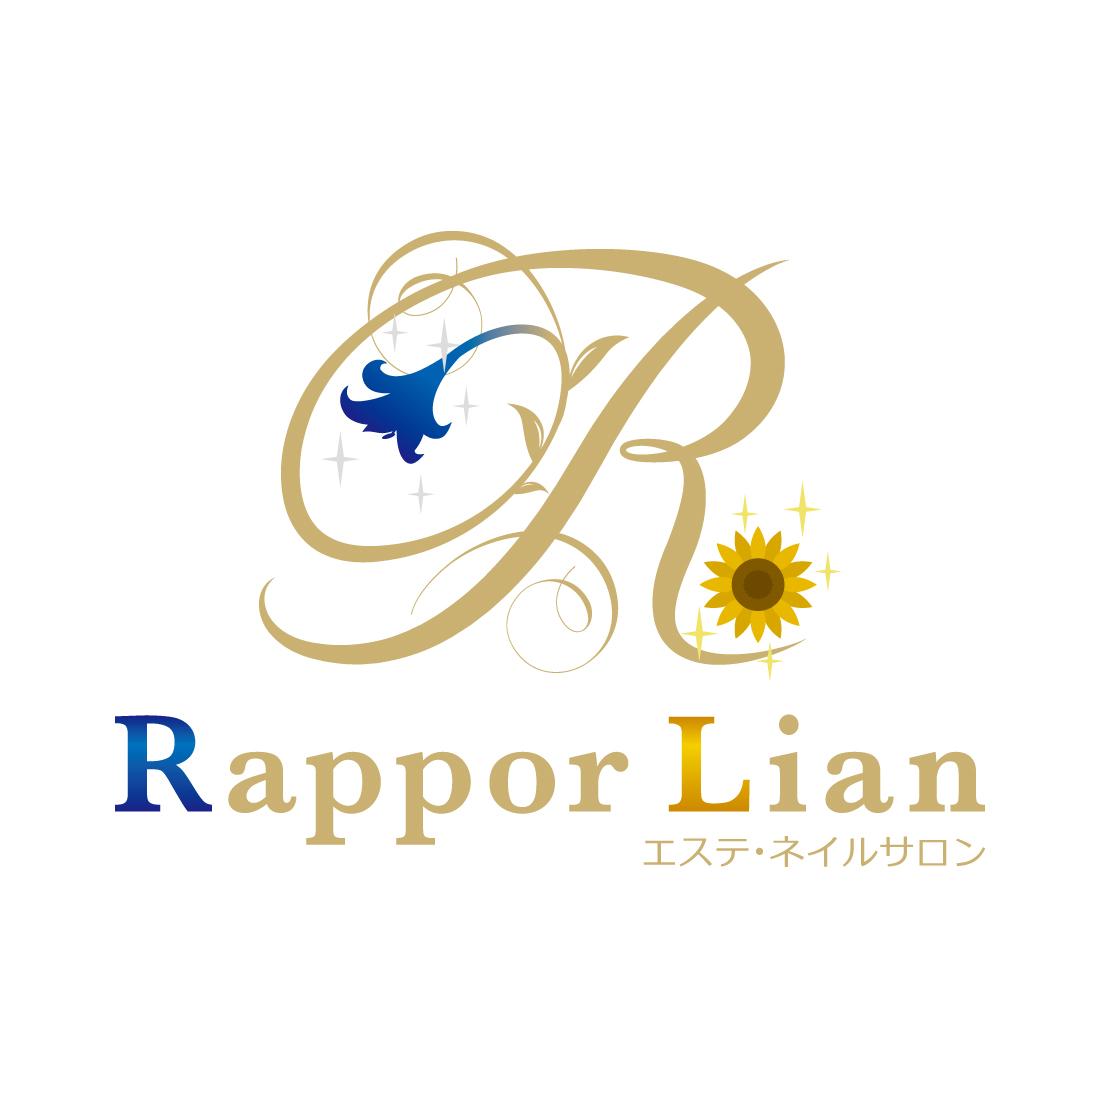 ラポール リアン|名古屋市港区のエステ・ネイルサロン